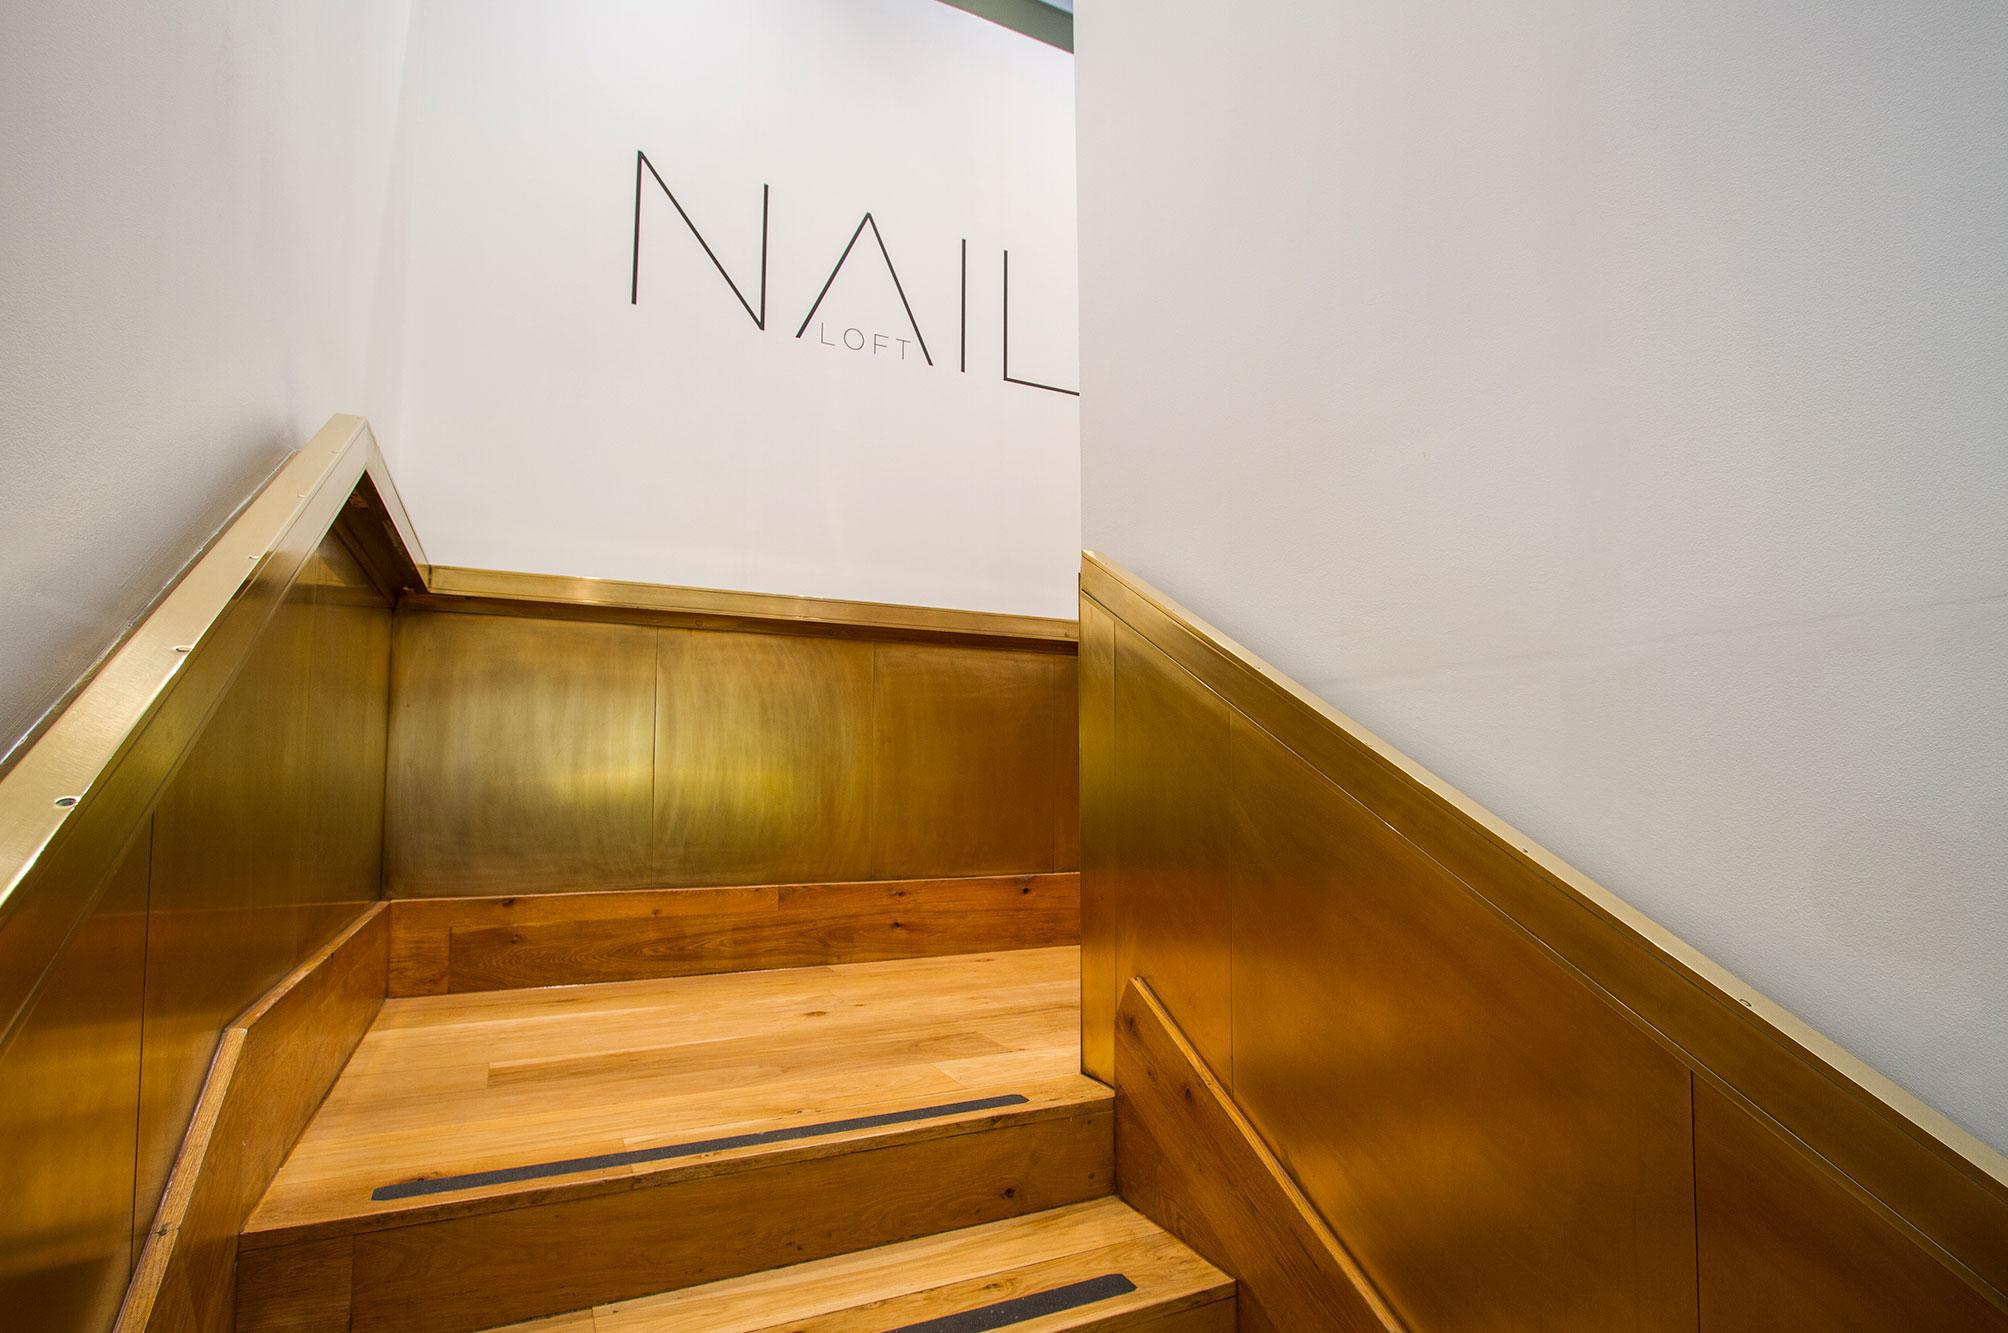 Nail Loft